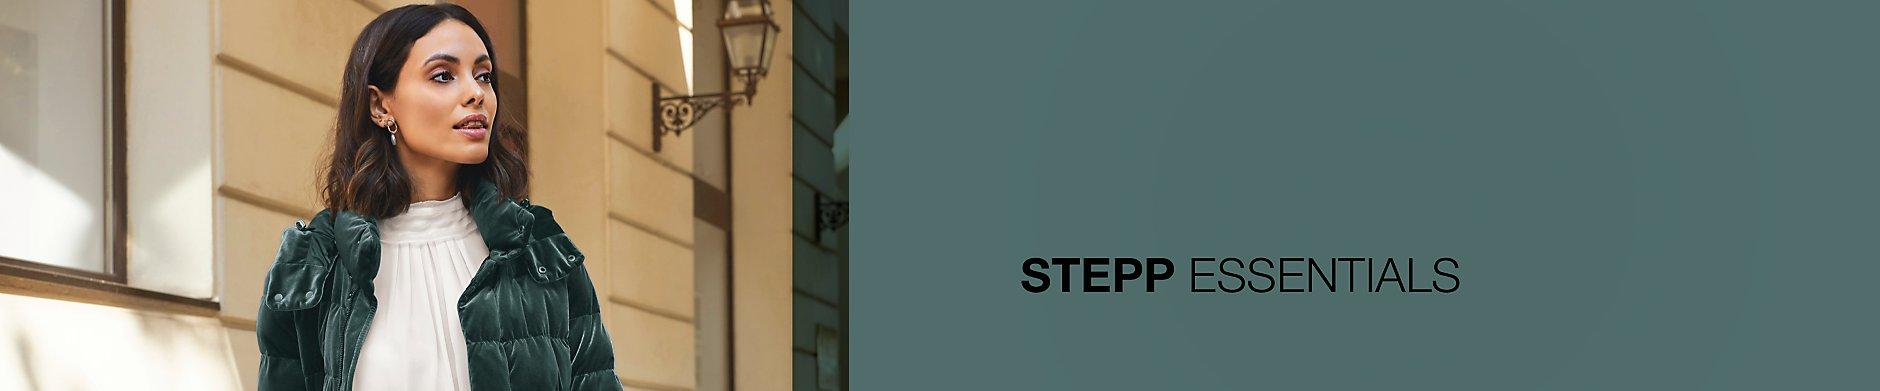 STEPP ESSENTIALS